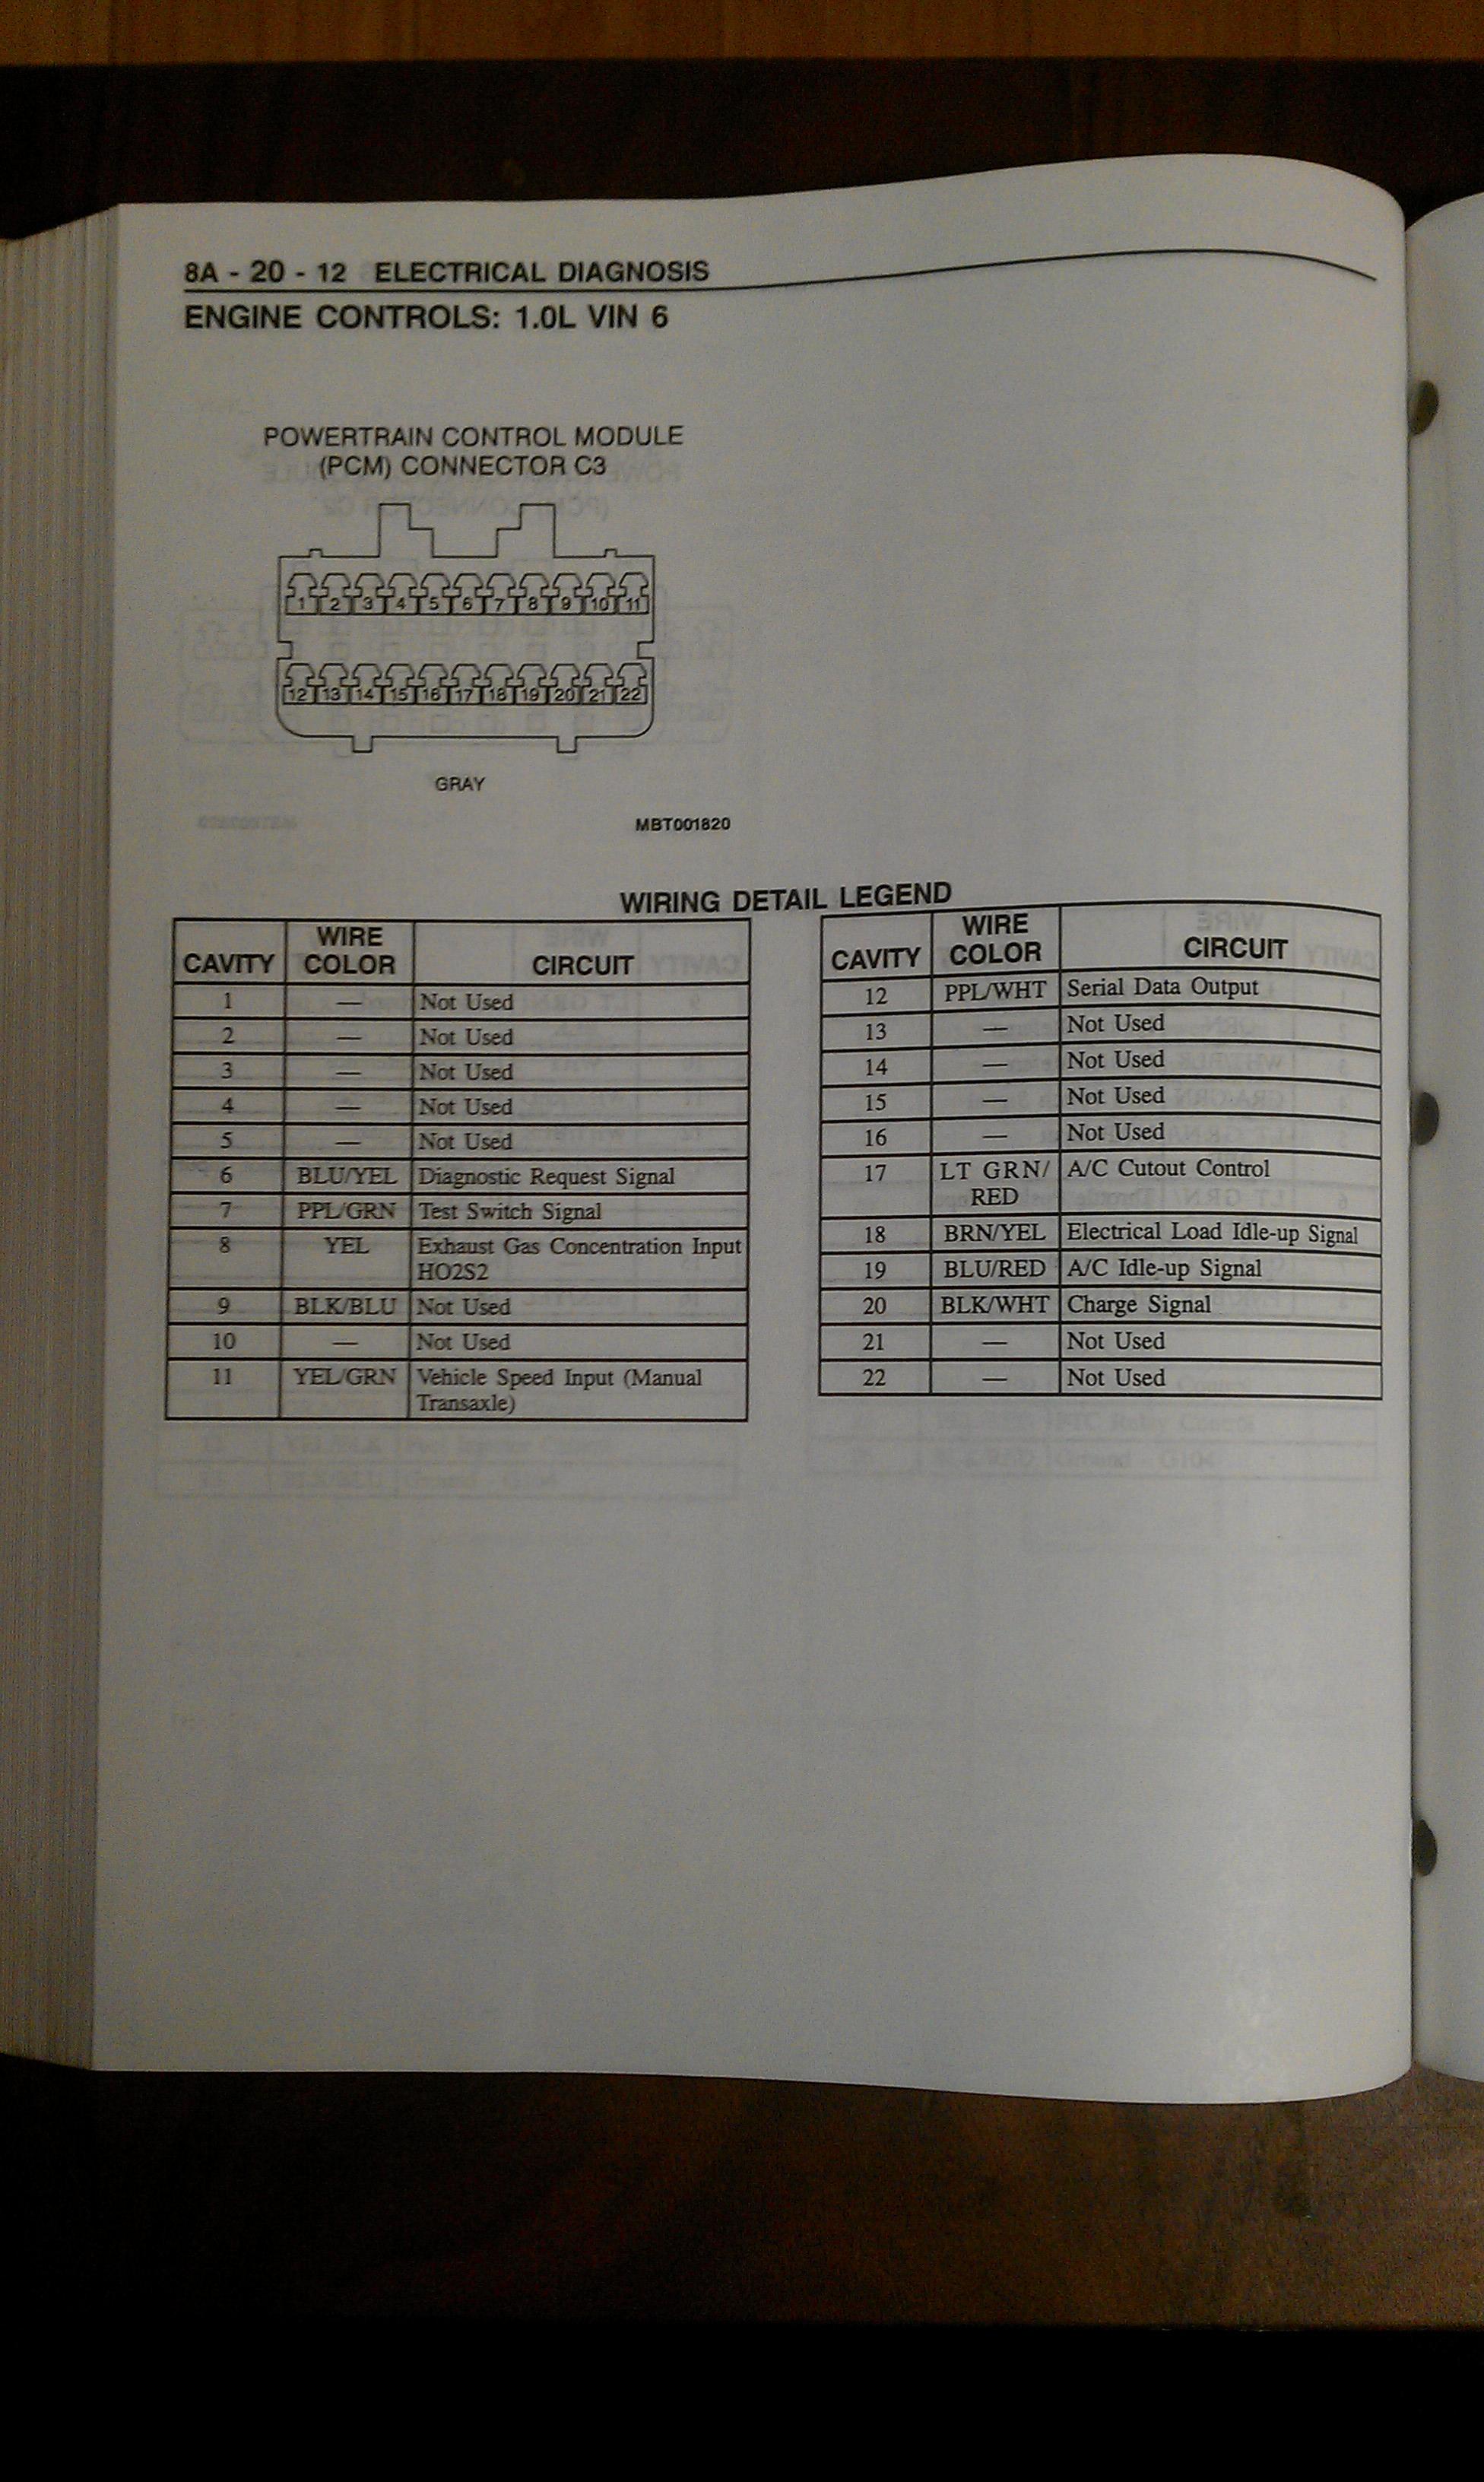 U0026 39 99 3cyl Transplant In Tractor